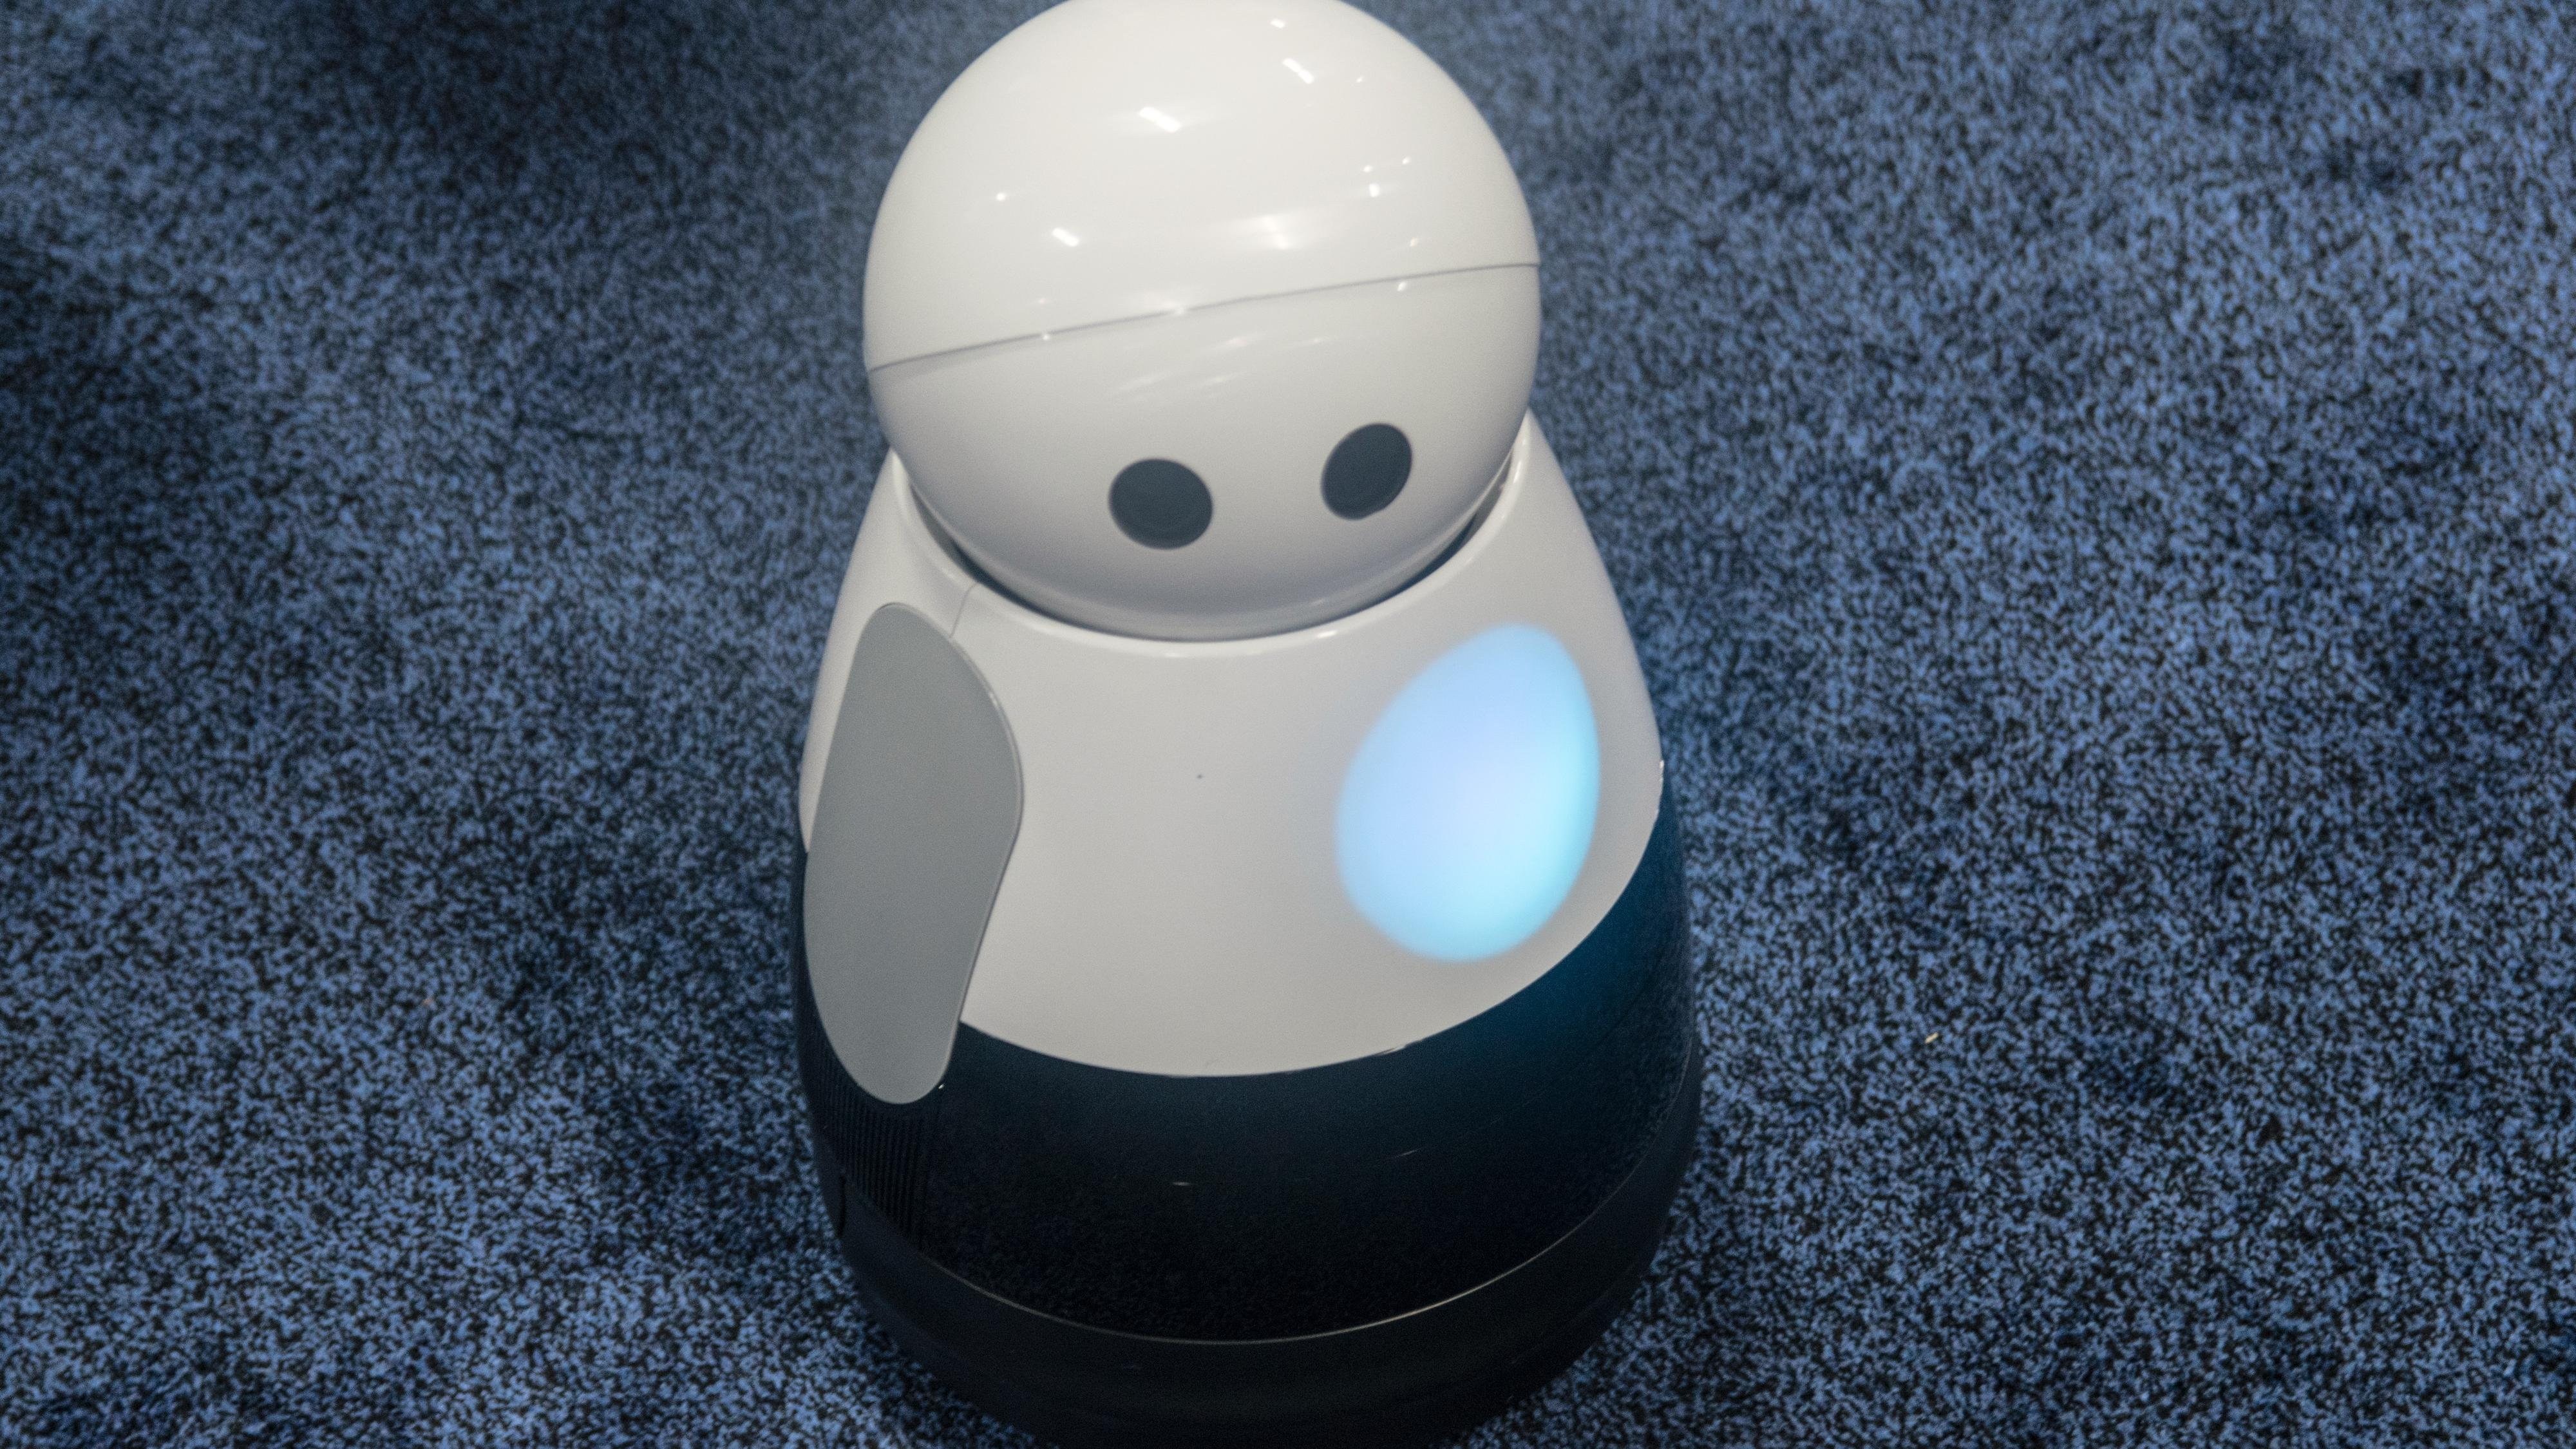 Denne roboten kan dokumentere livet ditt